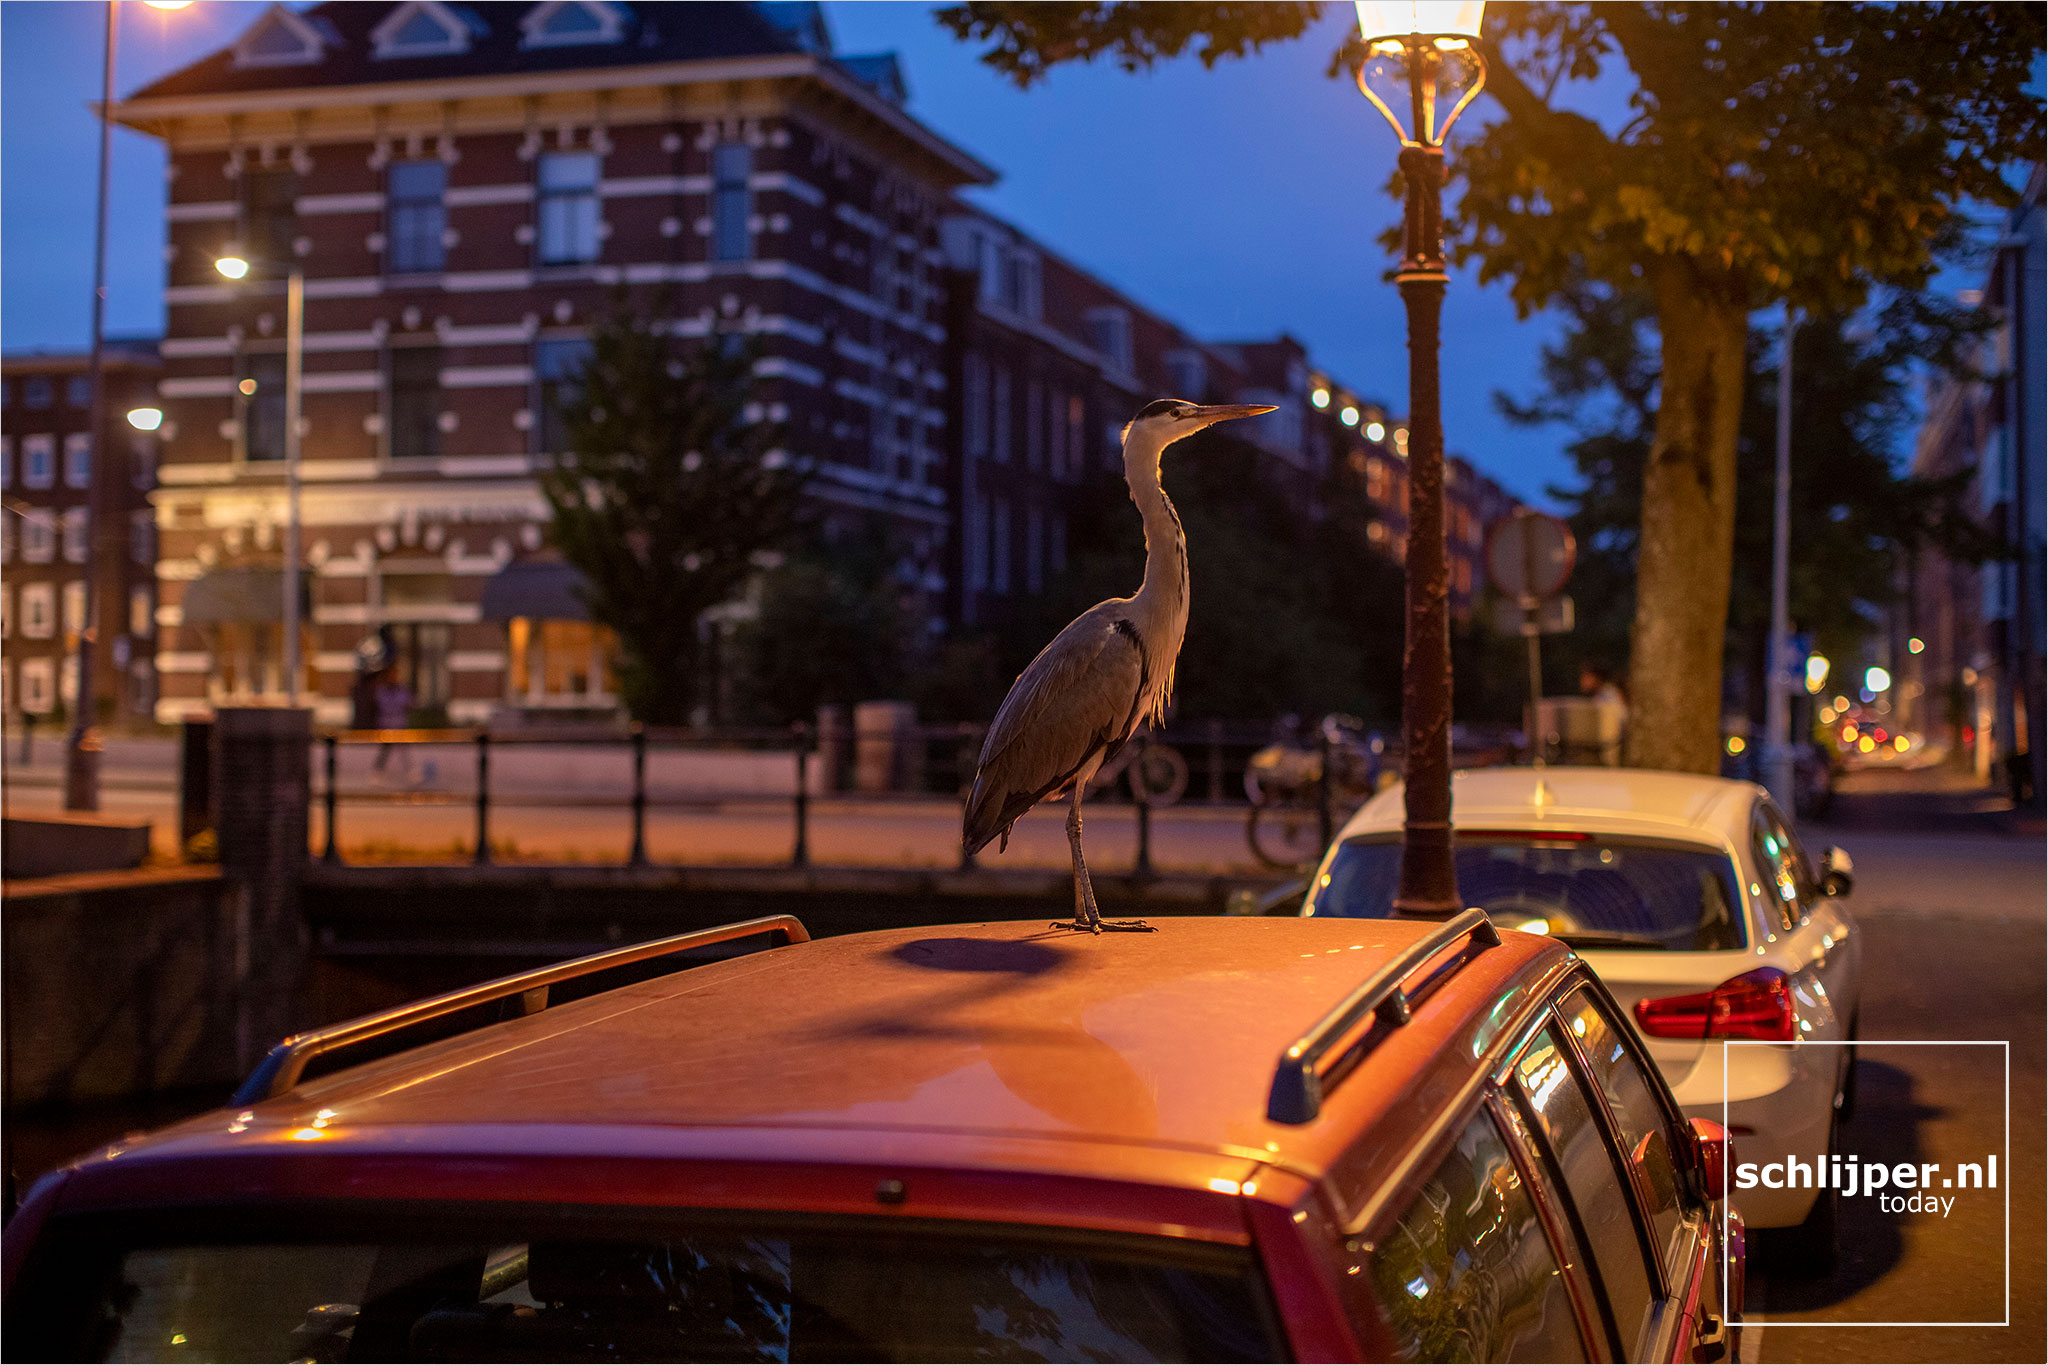 The Netherlands, Amsterdam, 19 september 2021